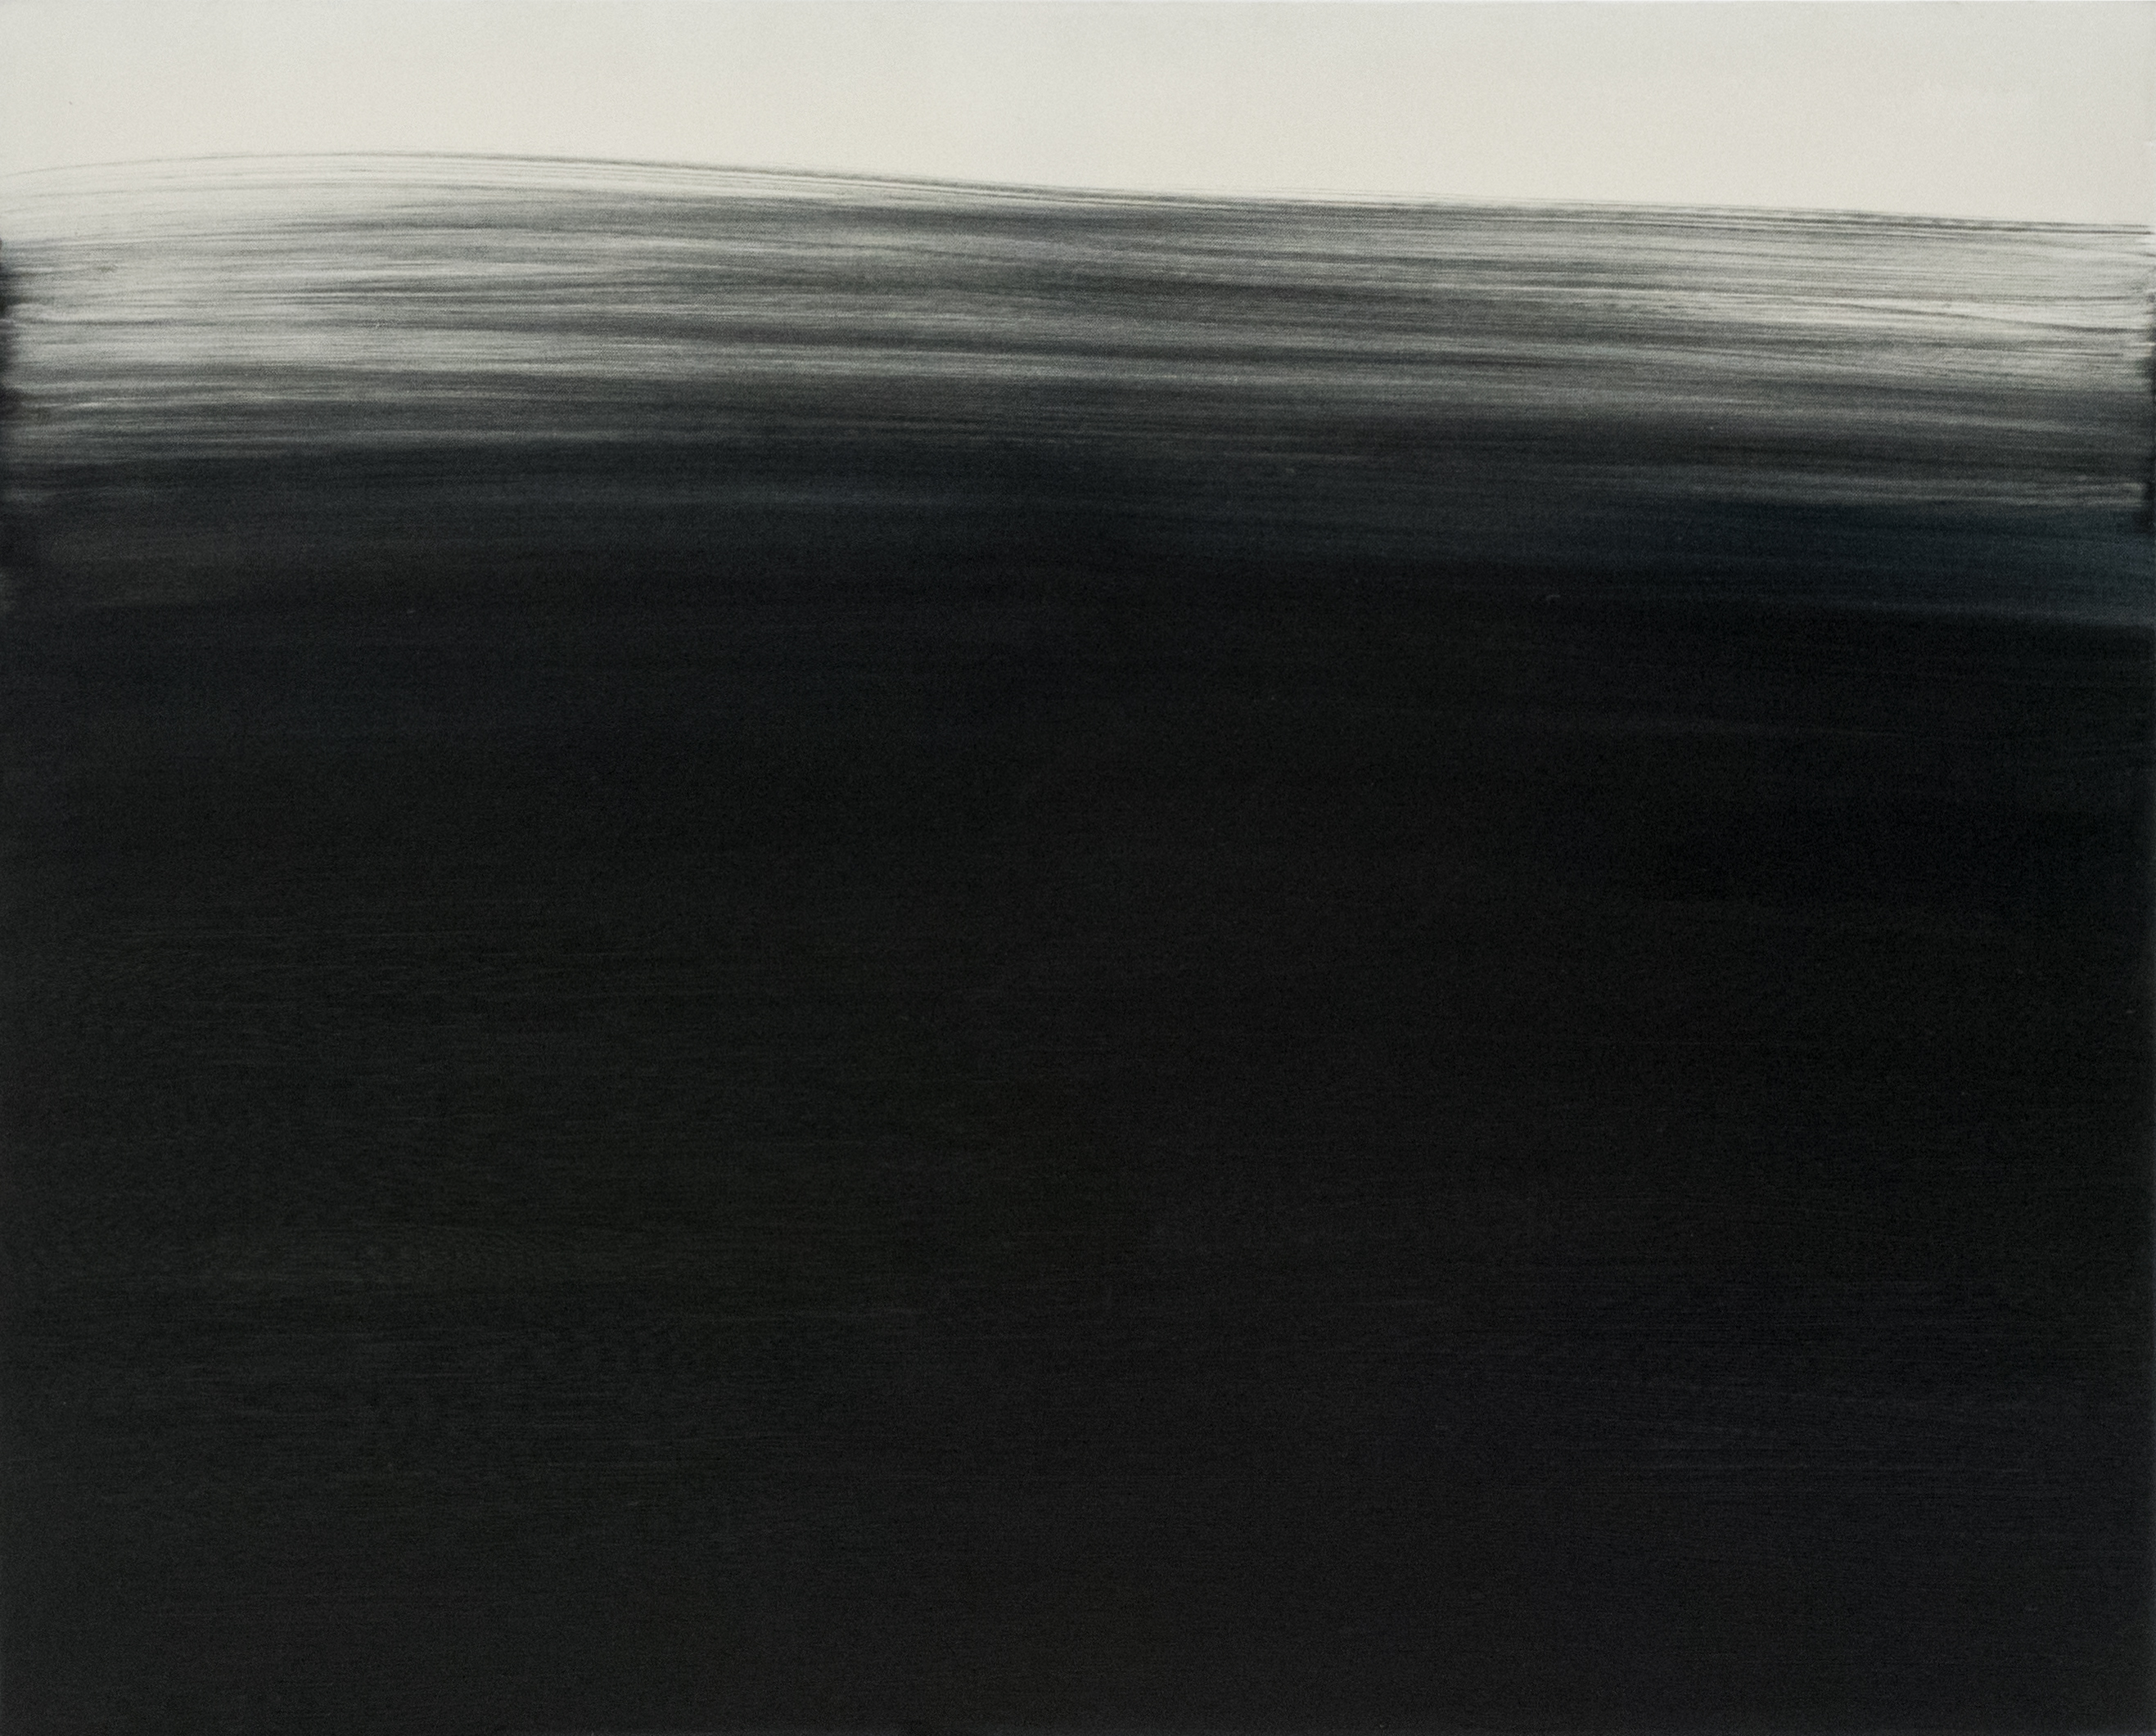 S.Želnytė.Temstanti atmintis. Užsimiršimas. Iš projekto Slinktis.Temstant. 2017m. 100×80 cm., drb., aliejus. foto I.Mockutė – Pocienė